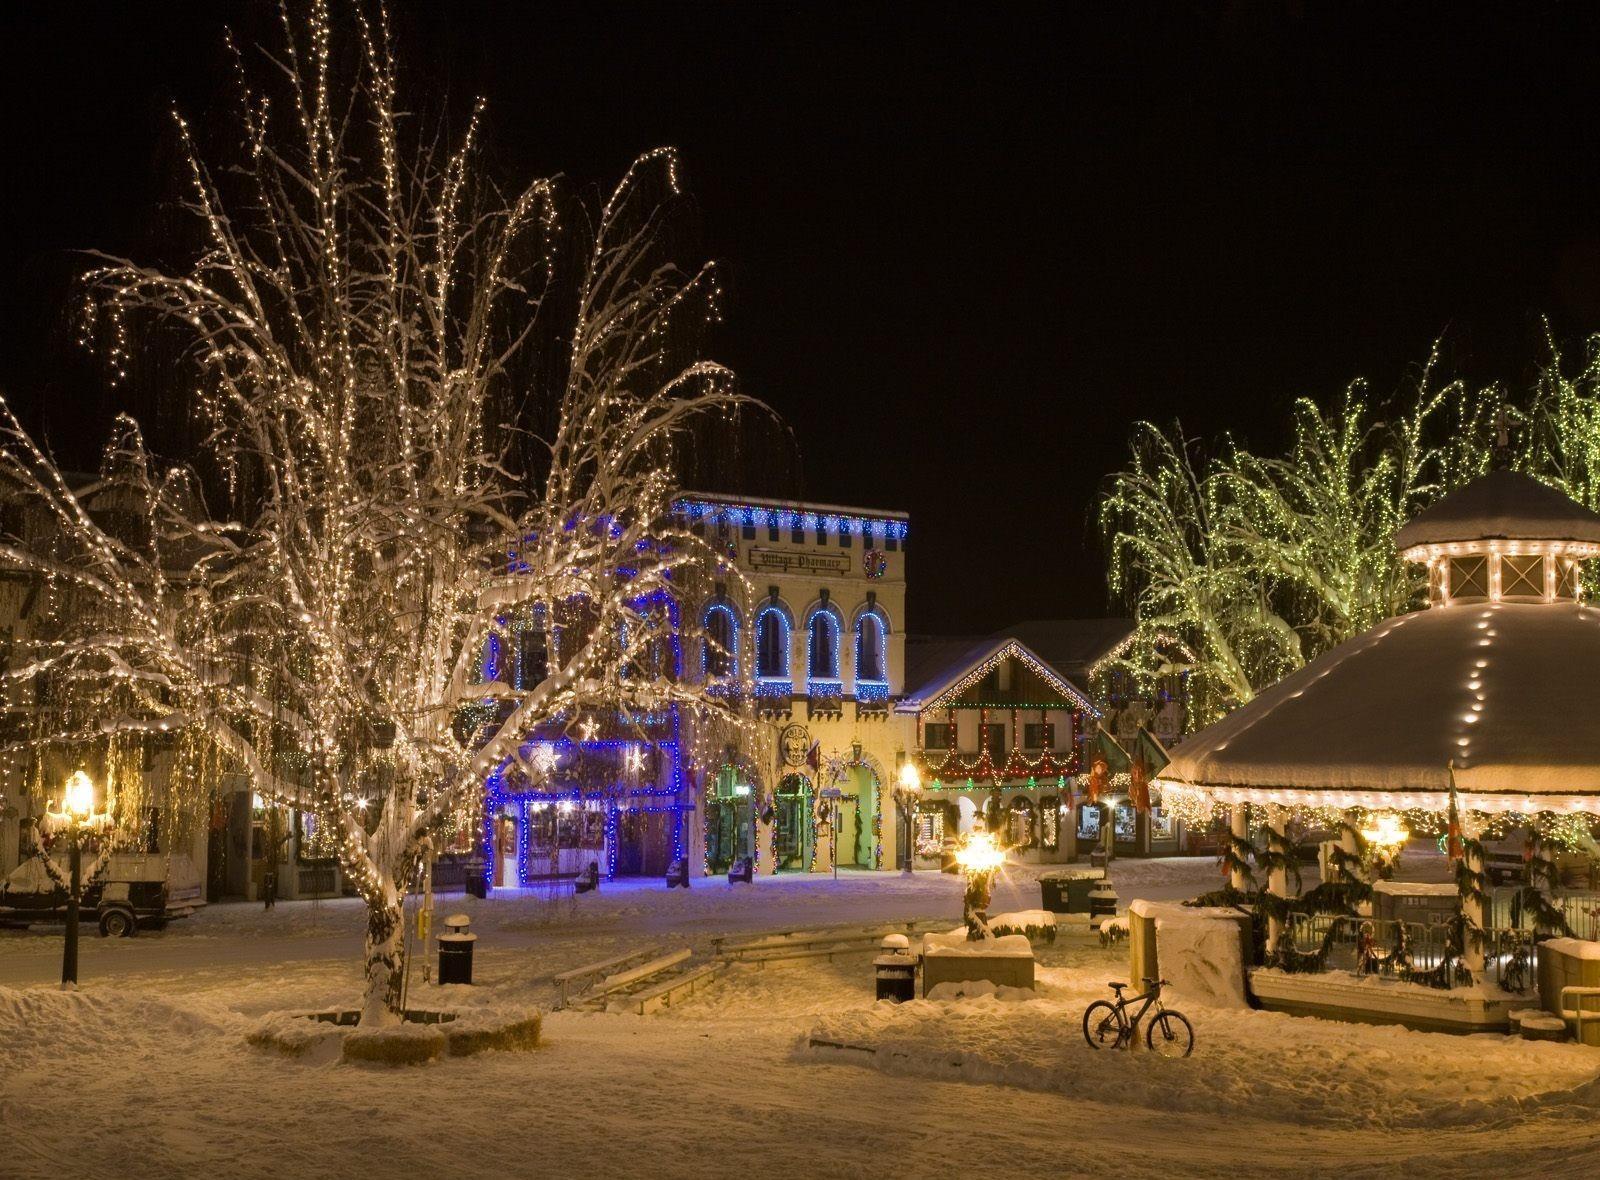 Sfondi Natalizi Bellissimi.Sfondi Strada Ghirlande Luci Notte Inverno Vacanza Natale